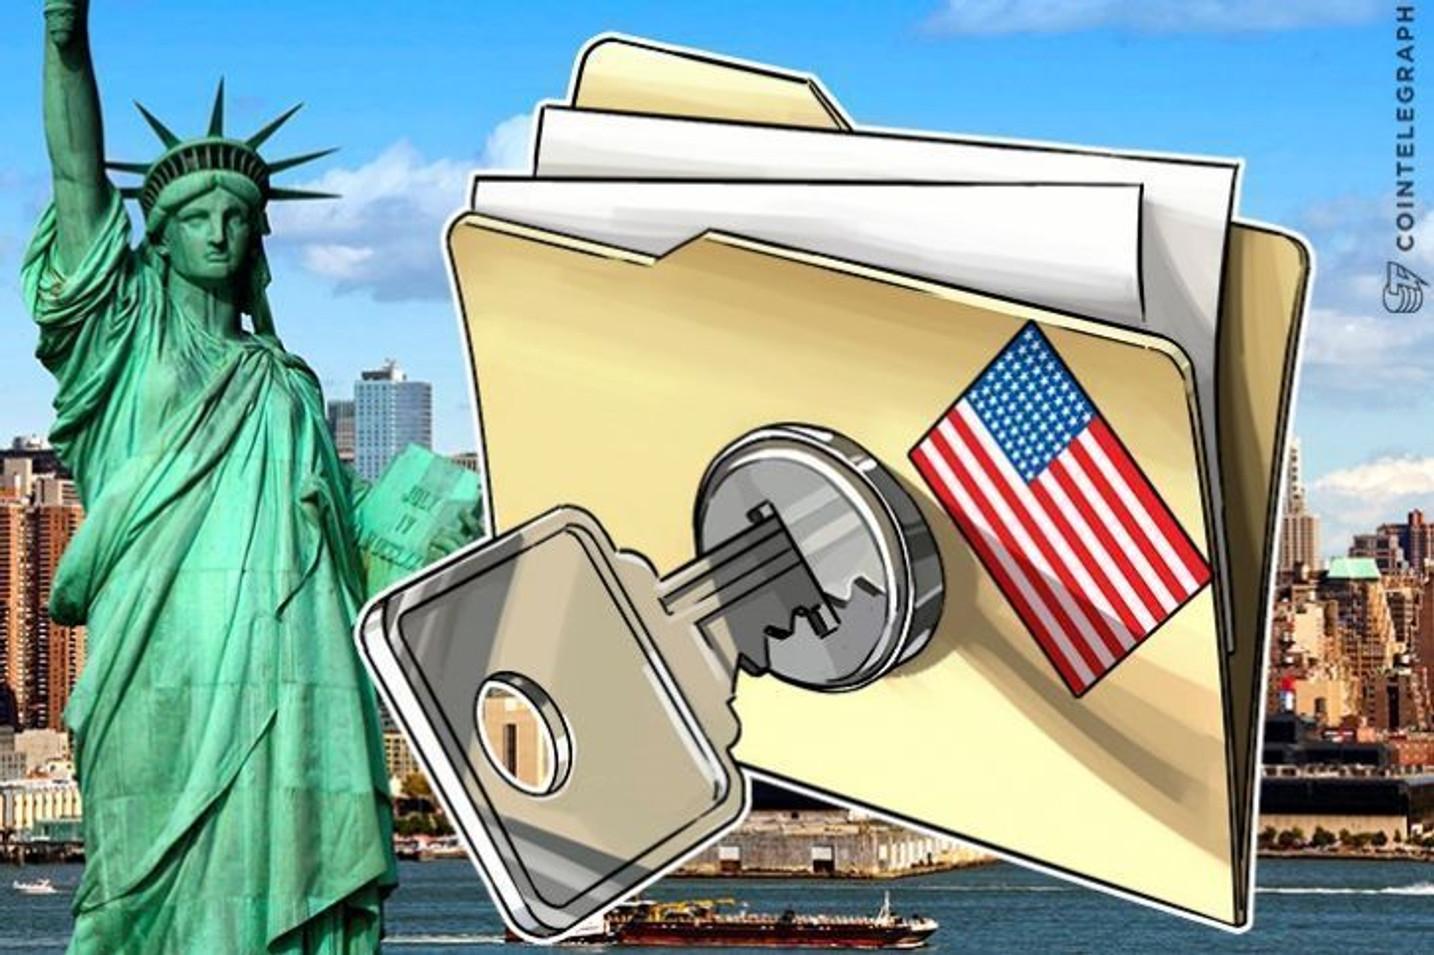 コインベース、仮想通貨規制当局を「革新に有害」と非難